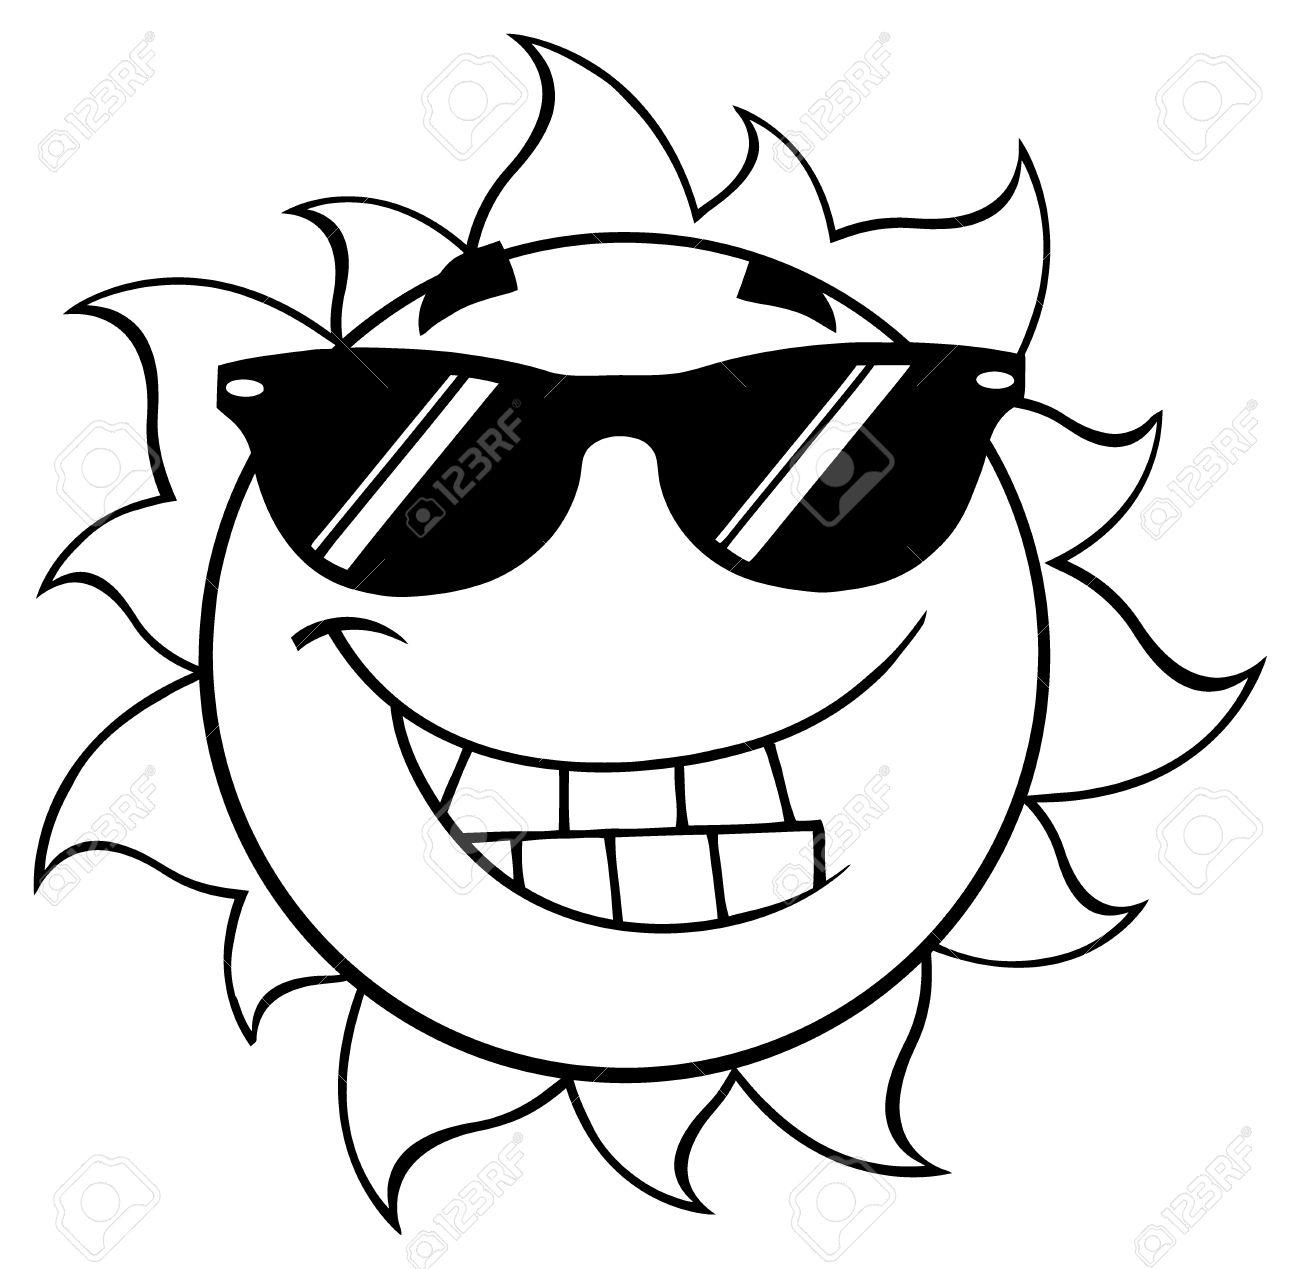 Noir Et Blanc Sourire Ete Soleil Dessin Anime Mascotte